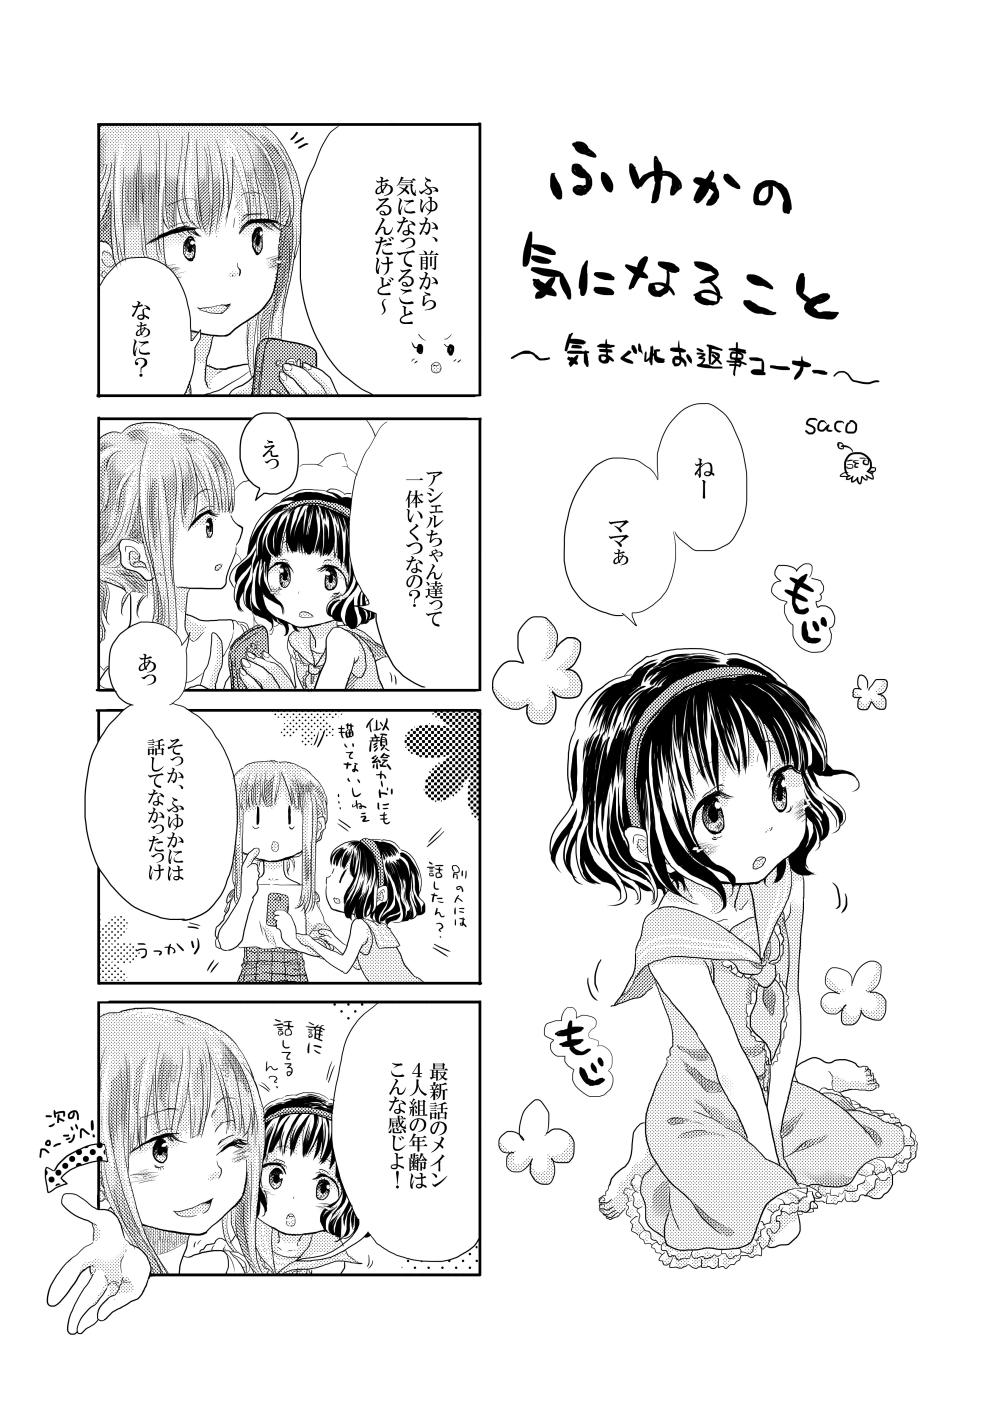 ふゆかの気になること/コメント返信漫画